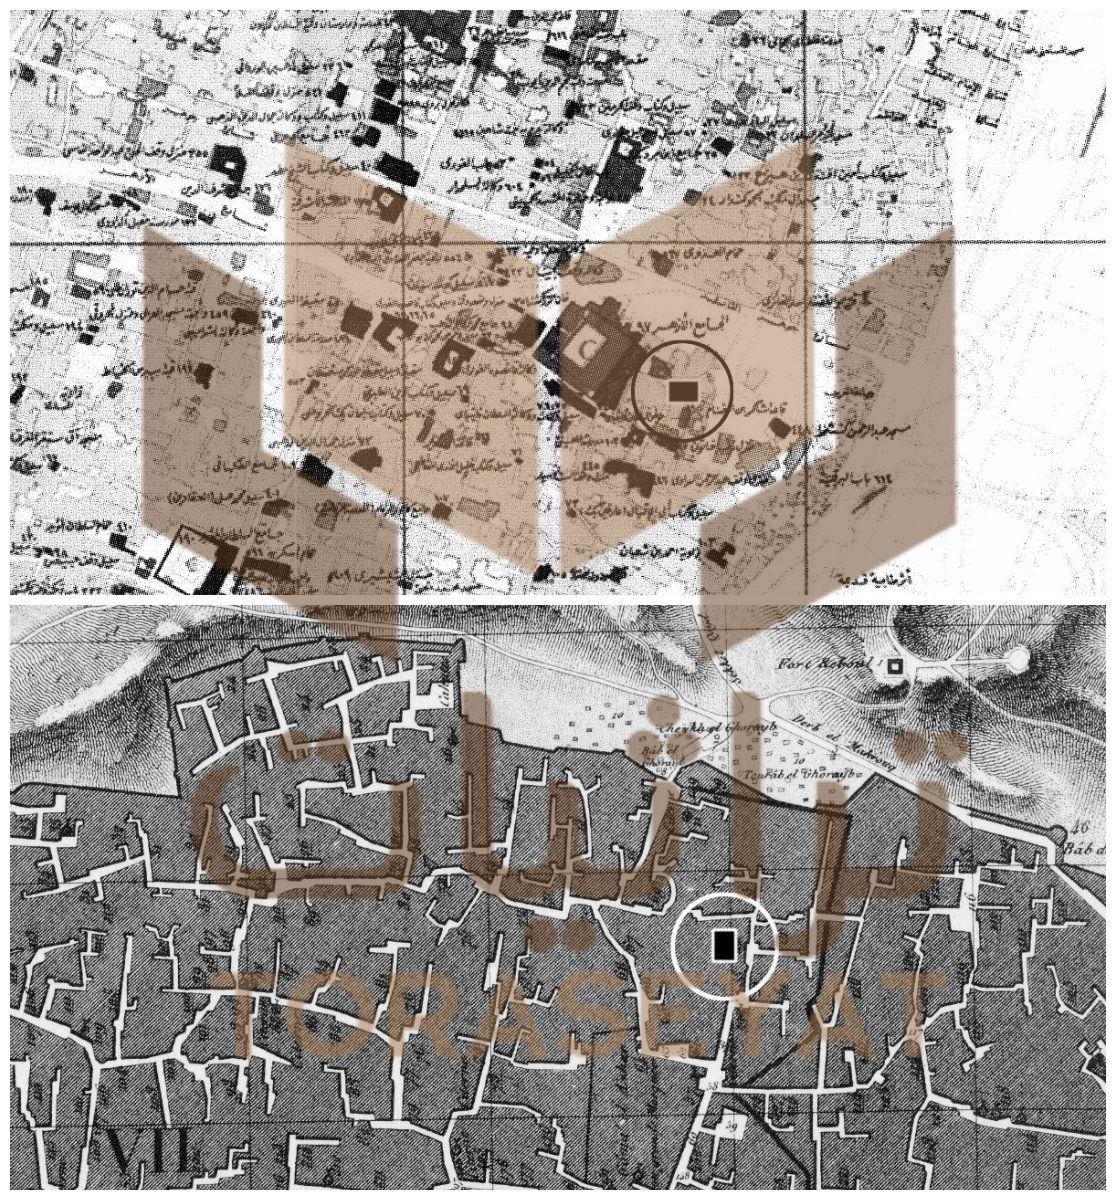 خريطة منزل الأمير قيت خلف الأزهر - الأعلى خريطة قديمة والأسفل من وصف مصر